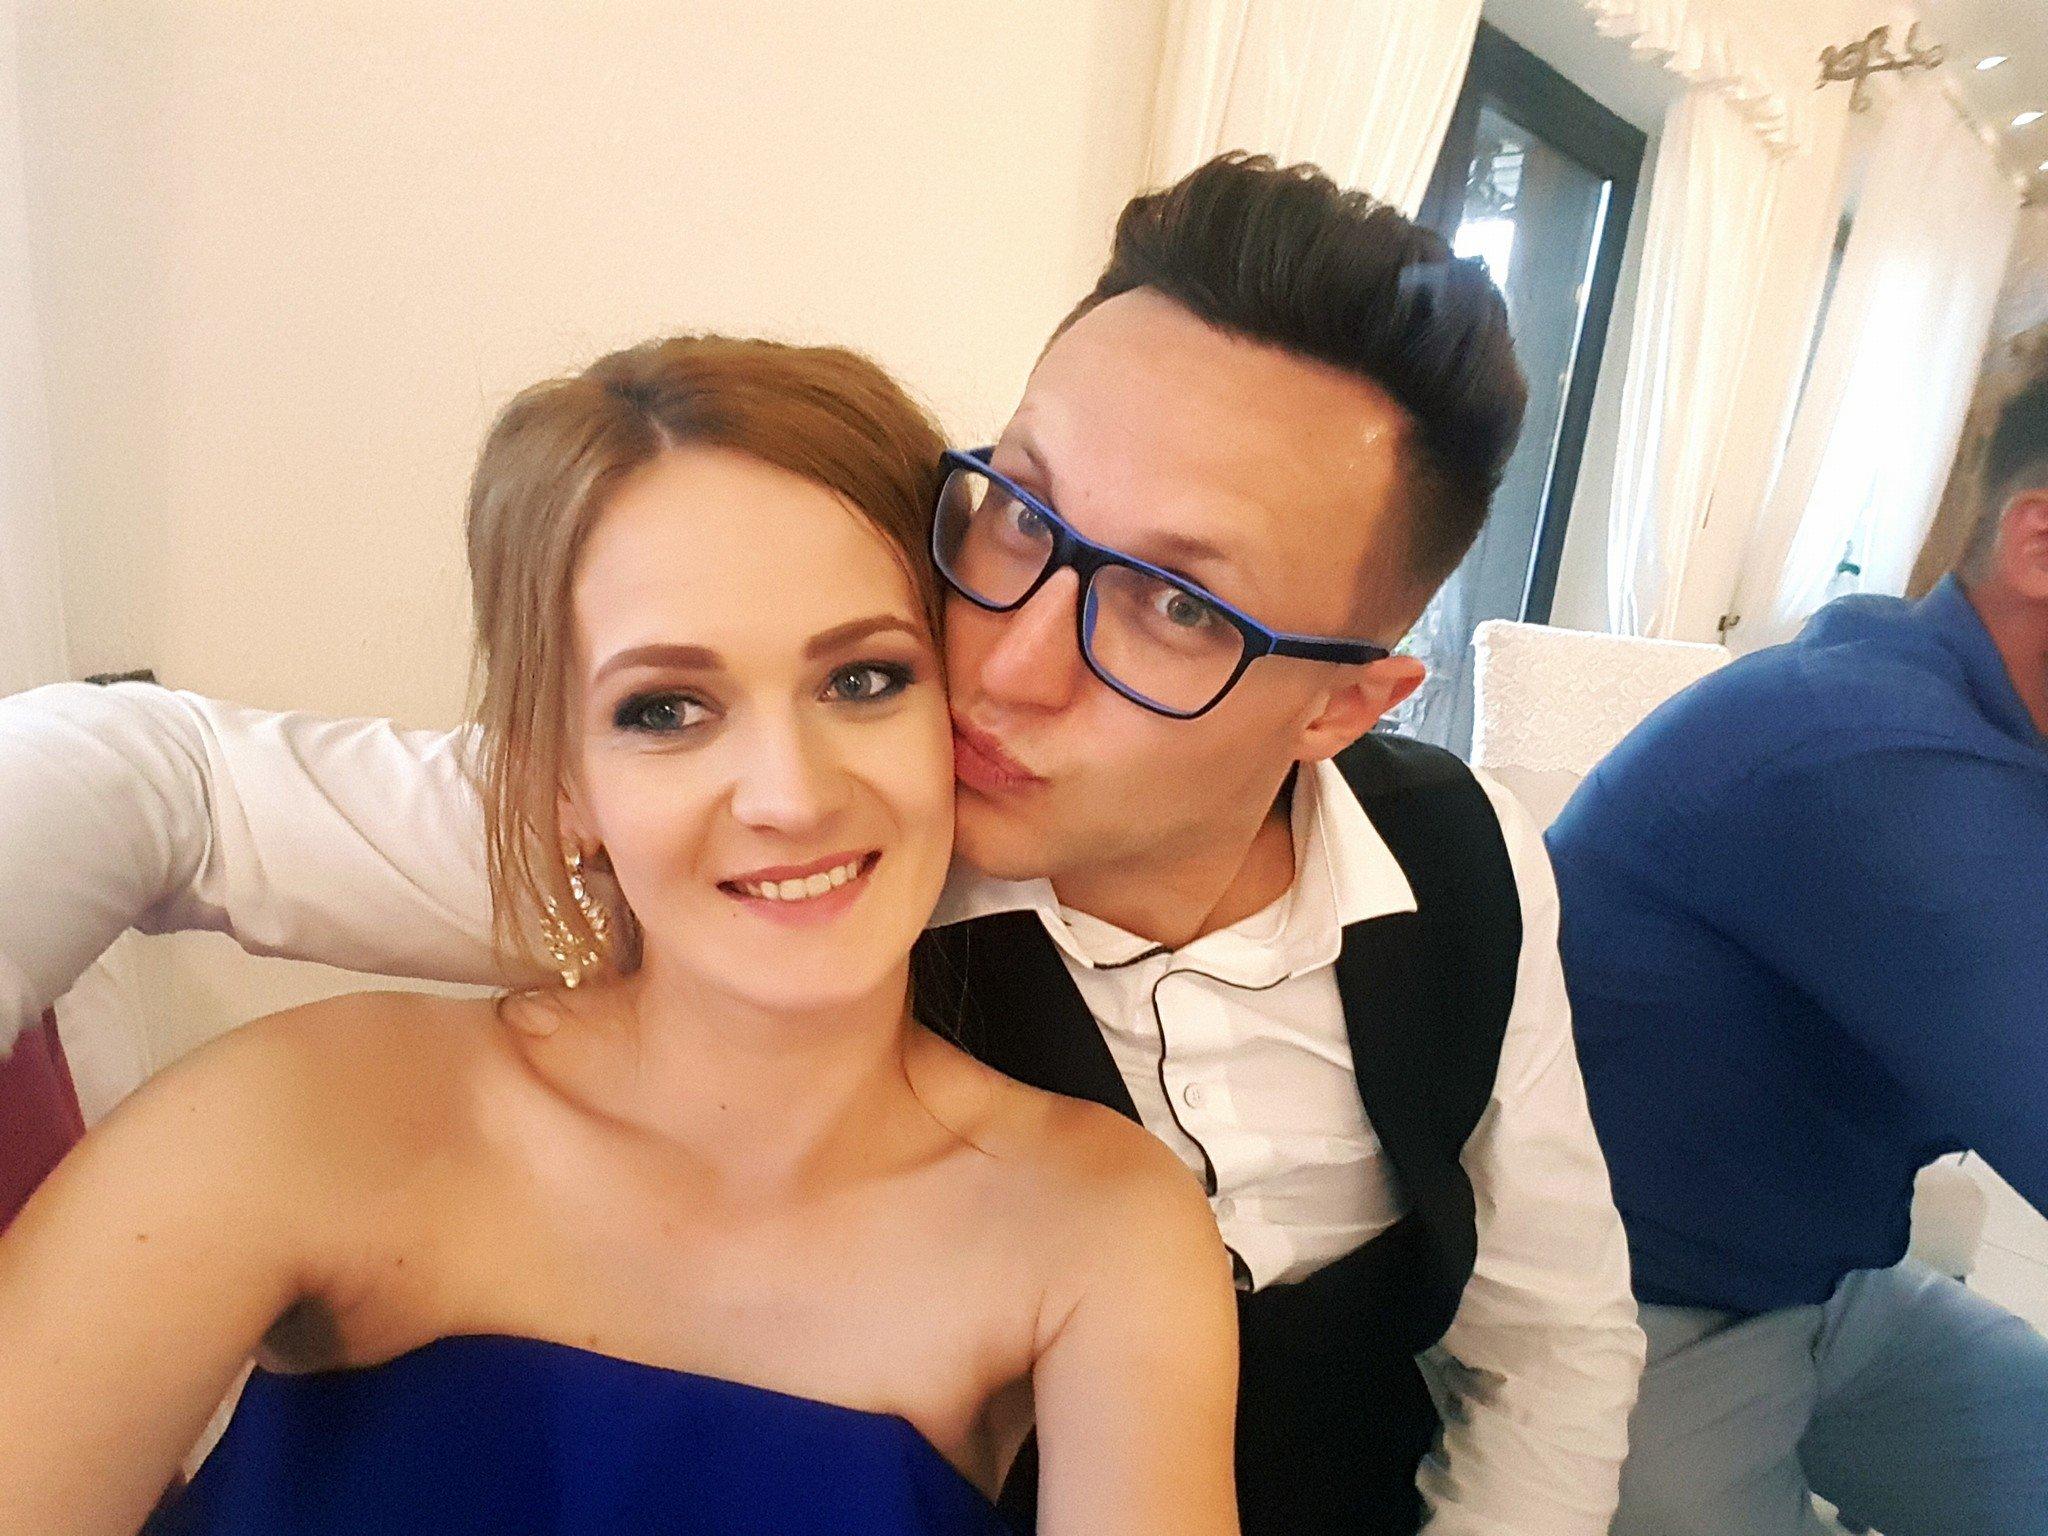 Gwiazdor disco polo pokazał się ze swoją szalenie piękną żoną! Wyglądają na bardzo zakochanych!